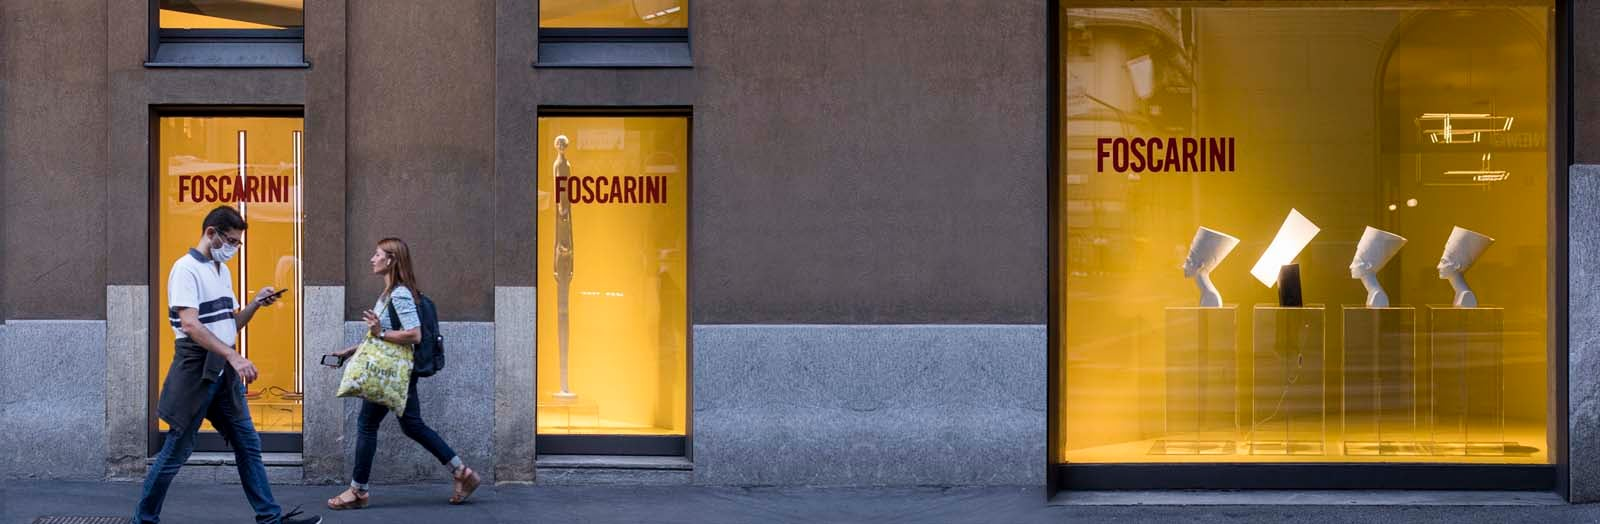 Fuorisalone 2021 Foscarini Monforte